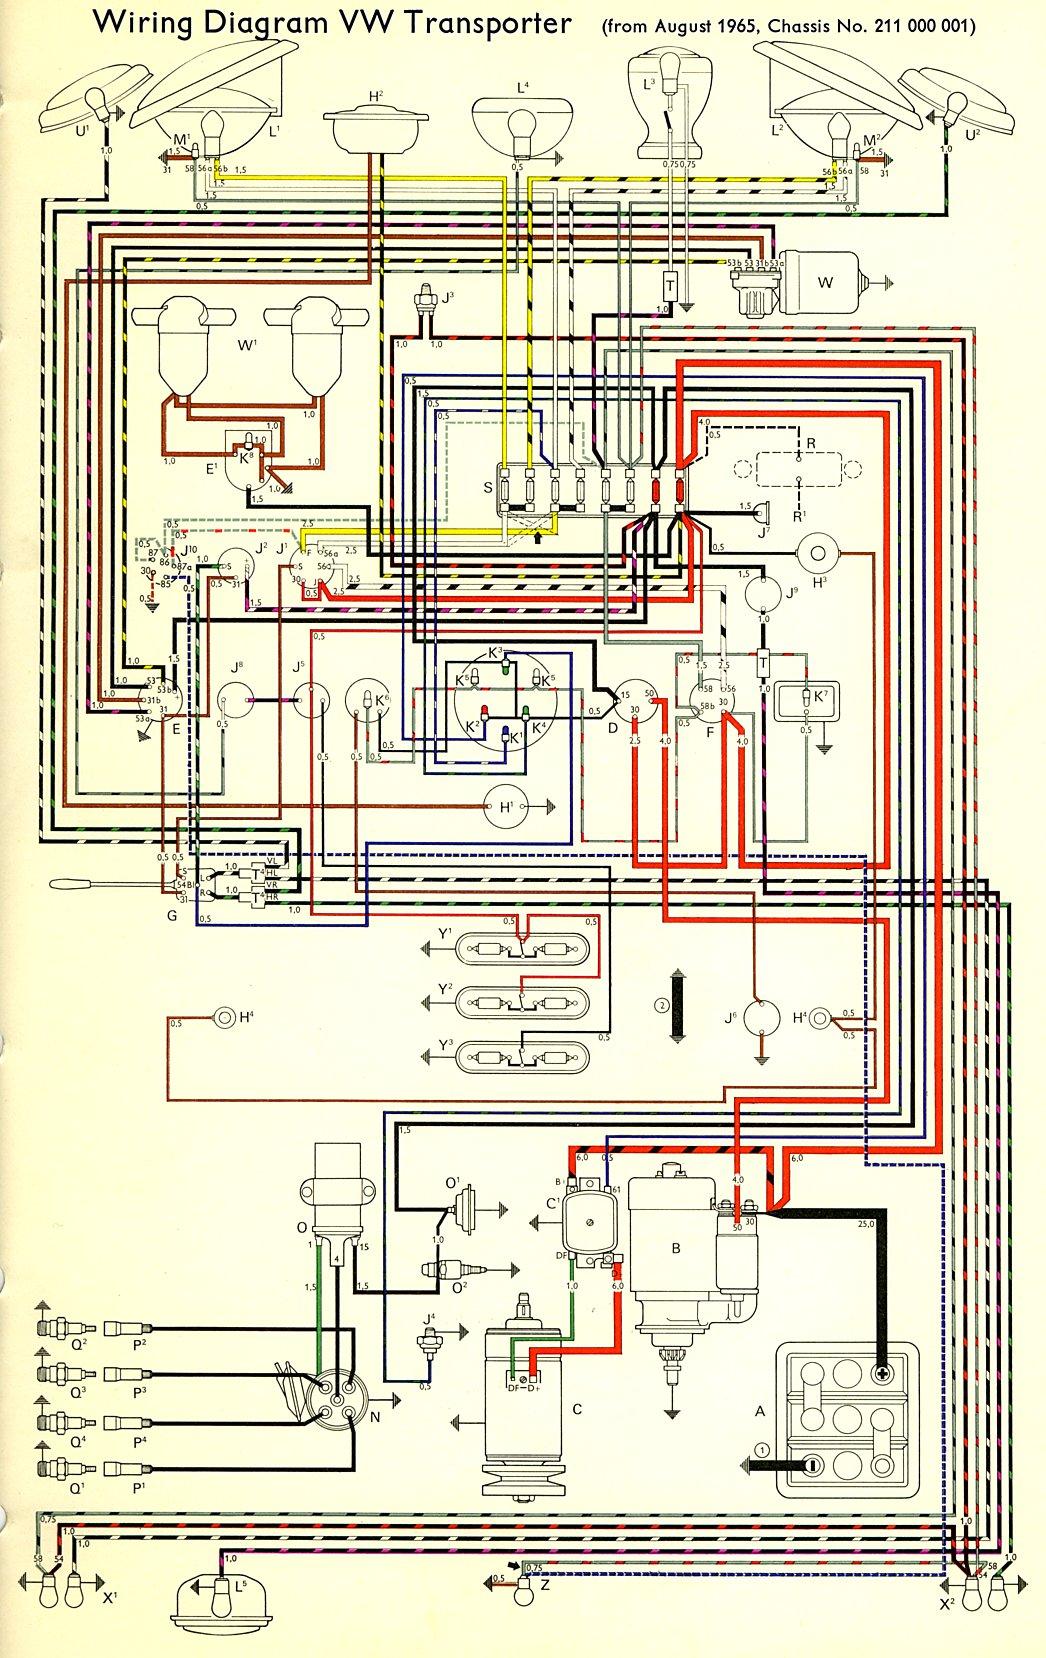 Bus Wiring Diagram